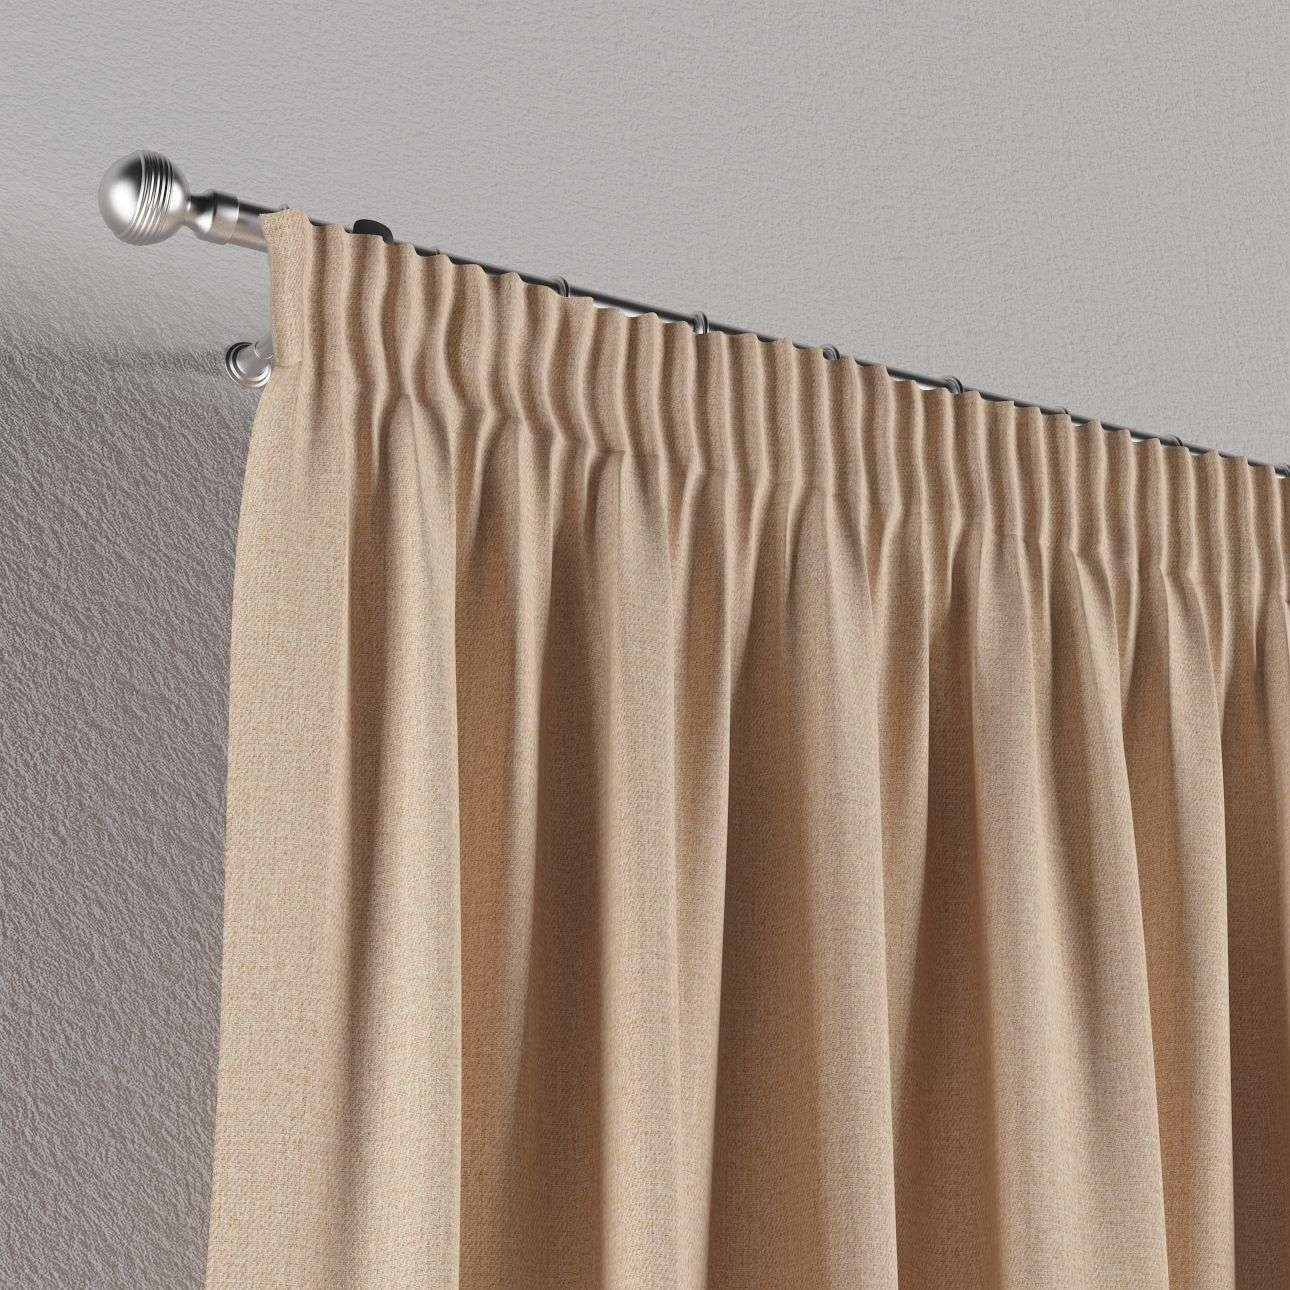 Vorhang mit Kräuselband 130 x 260 cm von der Kollektion Edinburgh , Stoff: 115-78